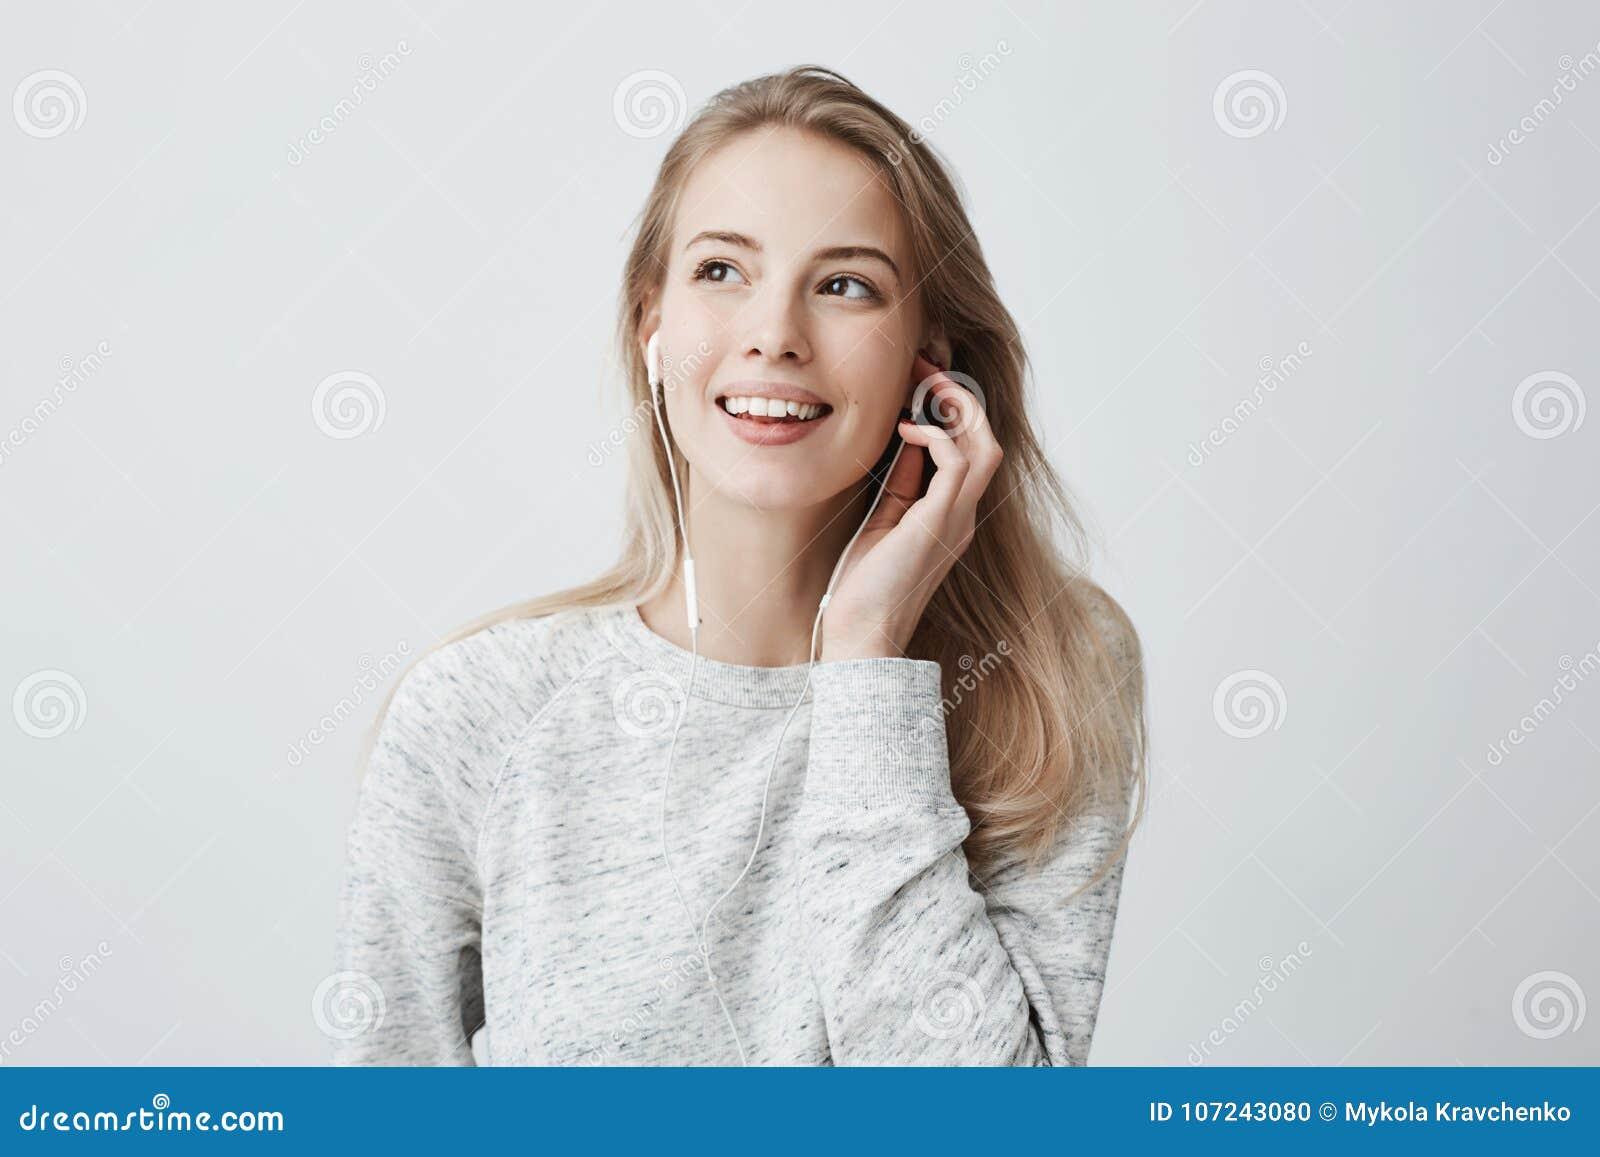 Ausdrucksvolle glückliche junge kaukasische Frau trägt Blondine gefärbtes Haar lose, hört Musik in den Kopfhörern, genießt angene